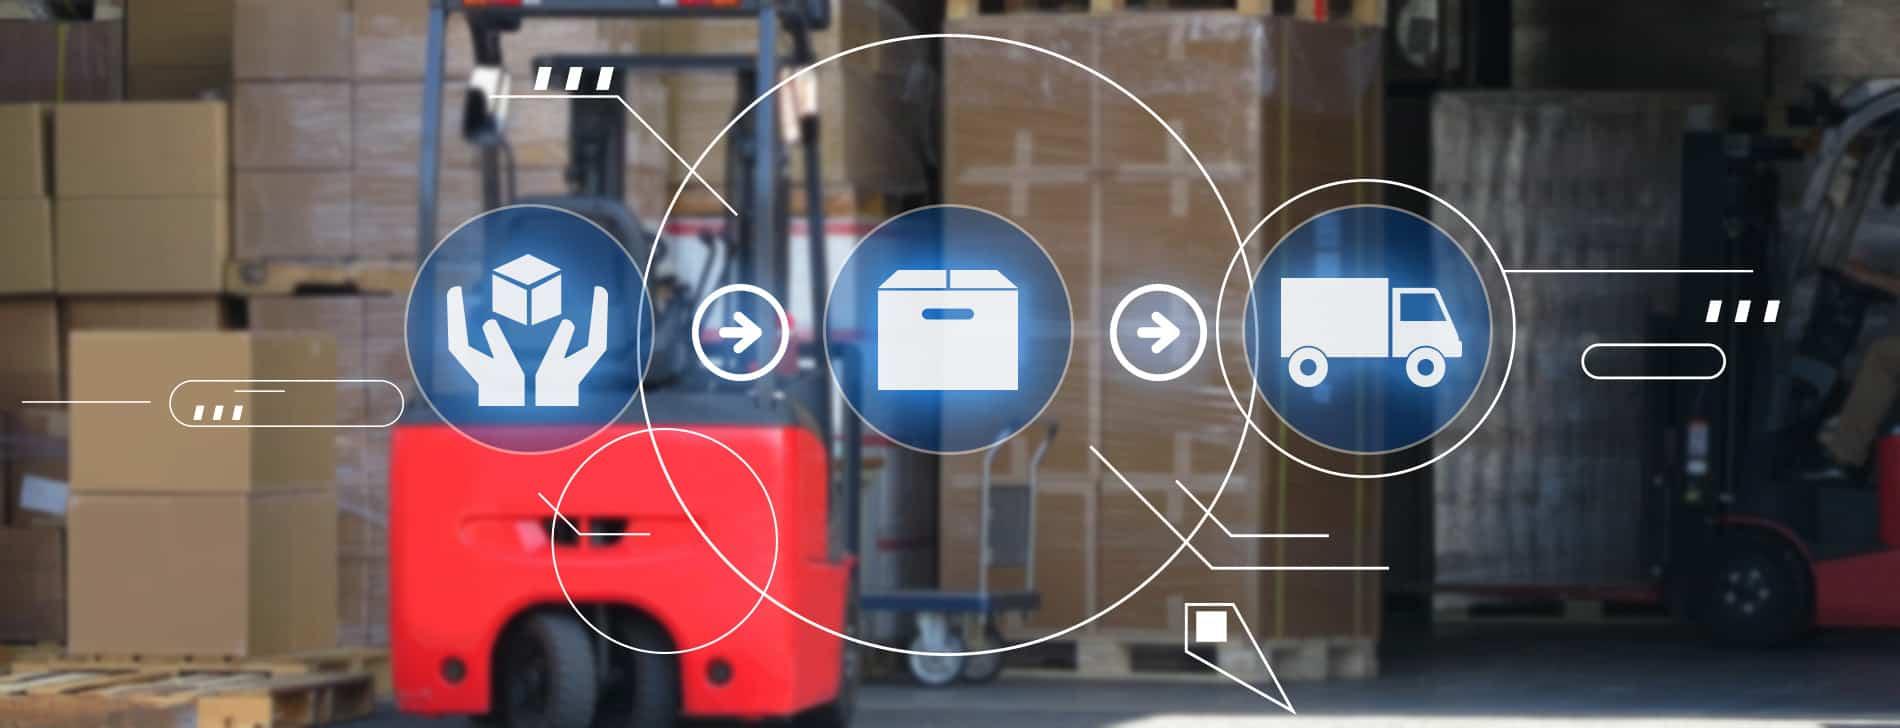 【教你3個方法】瞬間提高產品的運輸品質,減少貨物損壞的機率